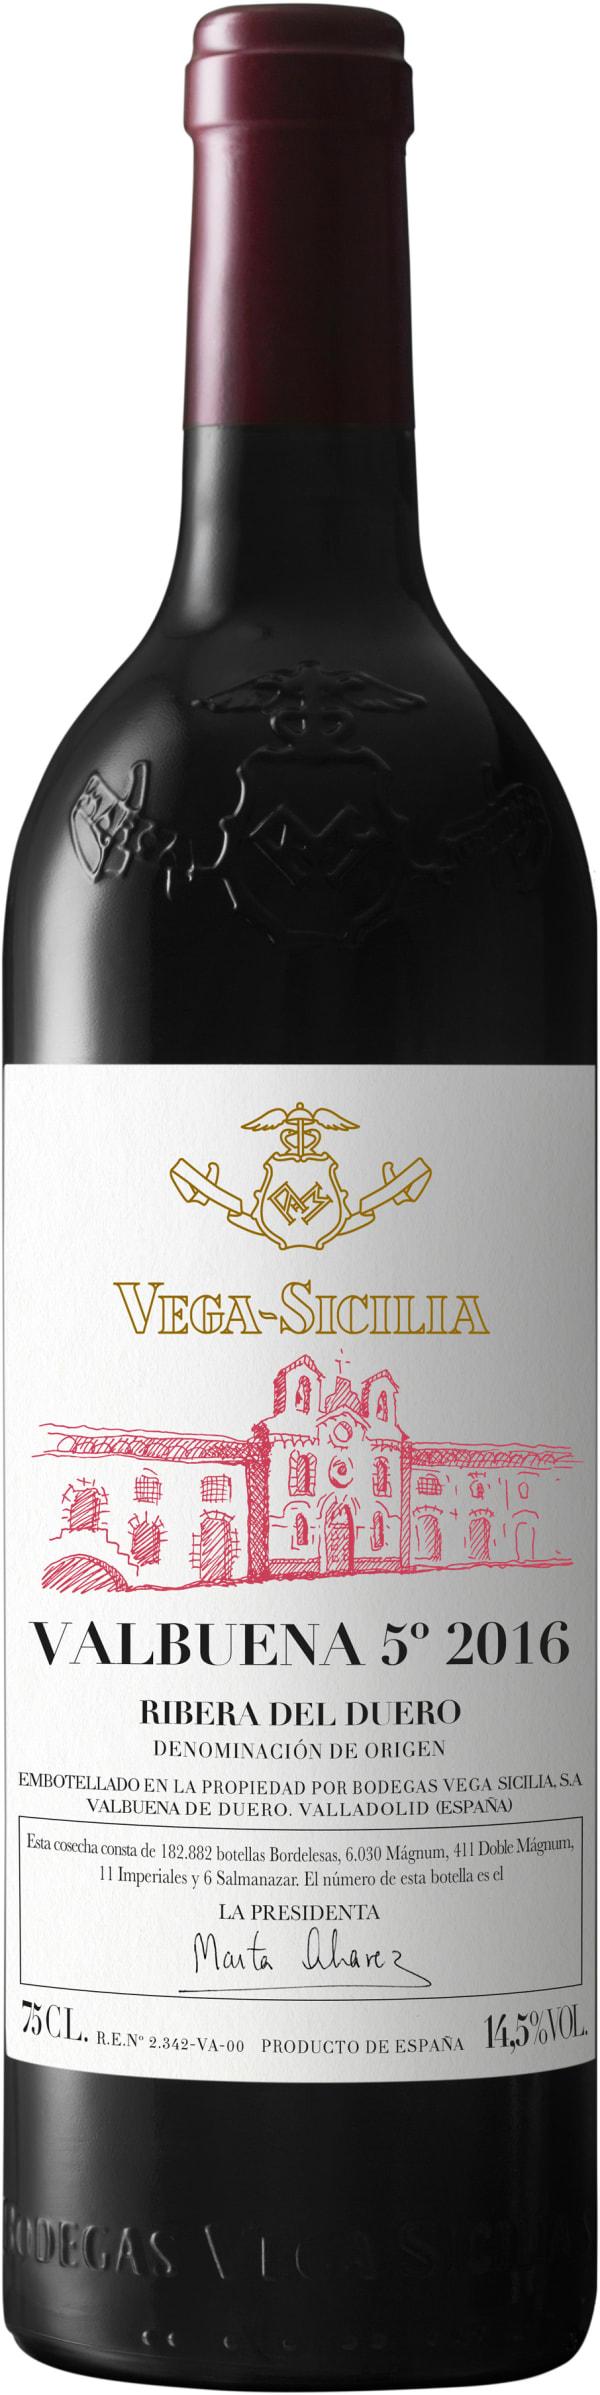 Vega-Sicilia Valbuena 5° 2016